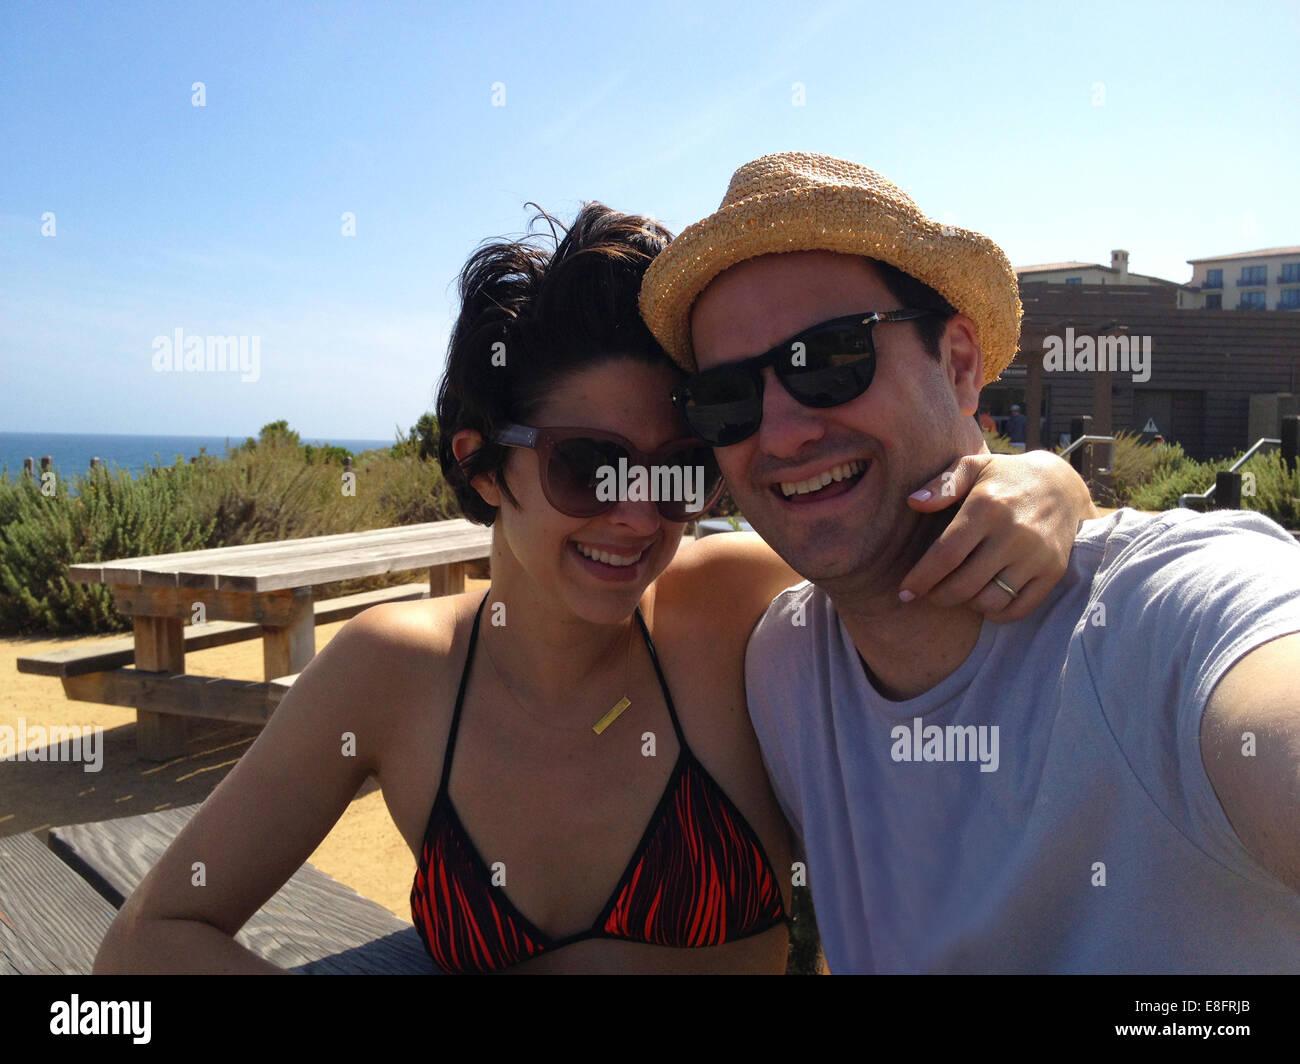 Paar nehmen Selfie an Feiertagen Stockbild